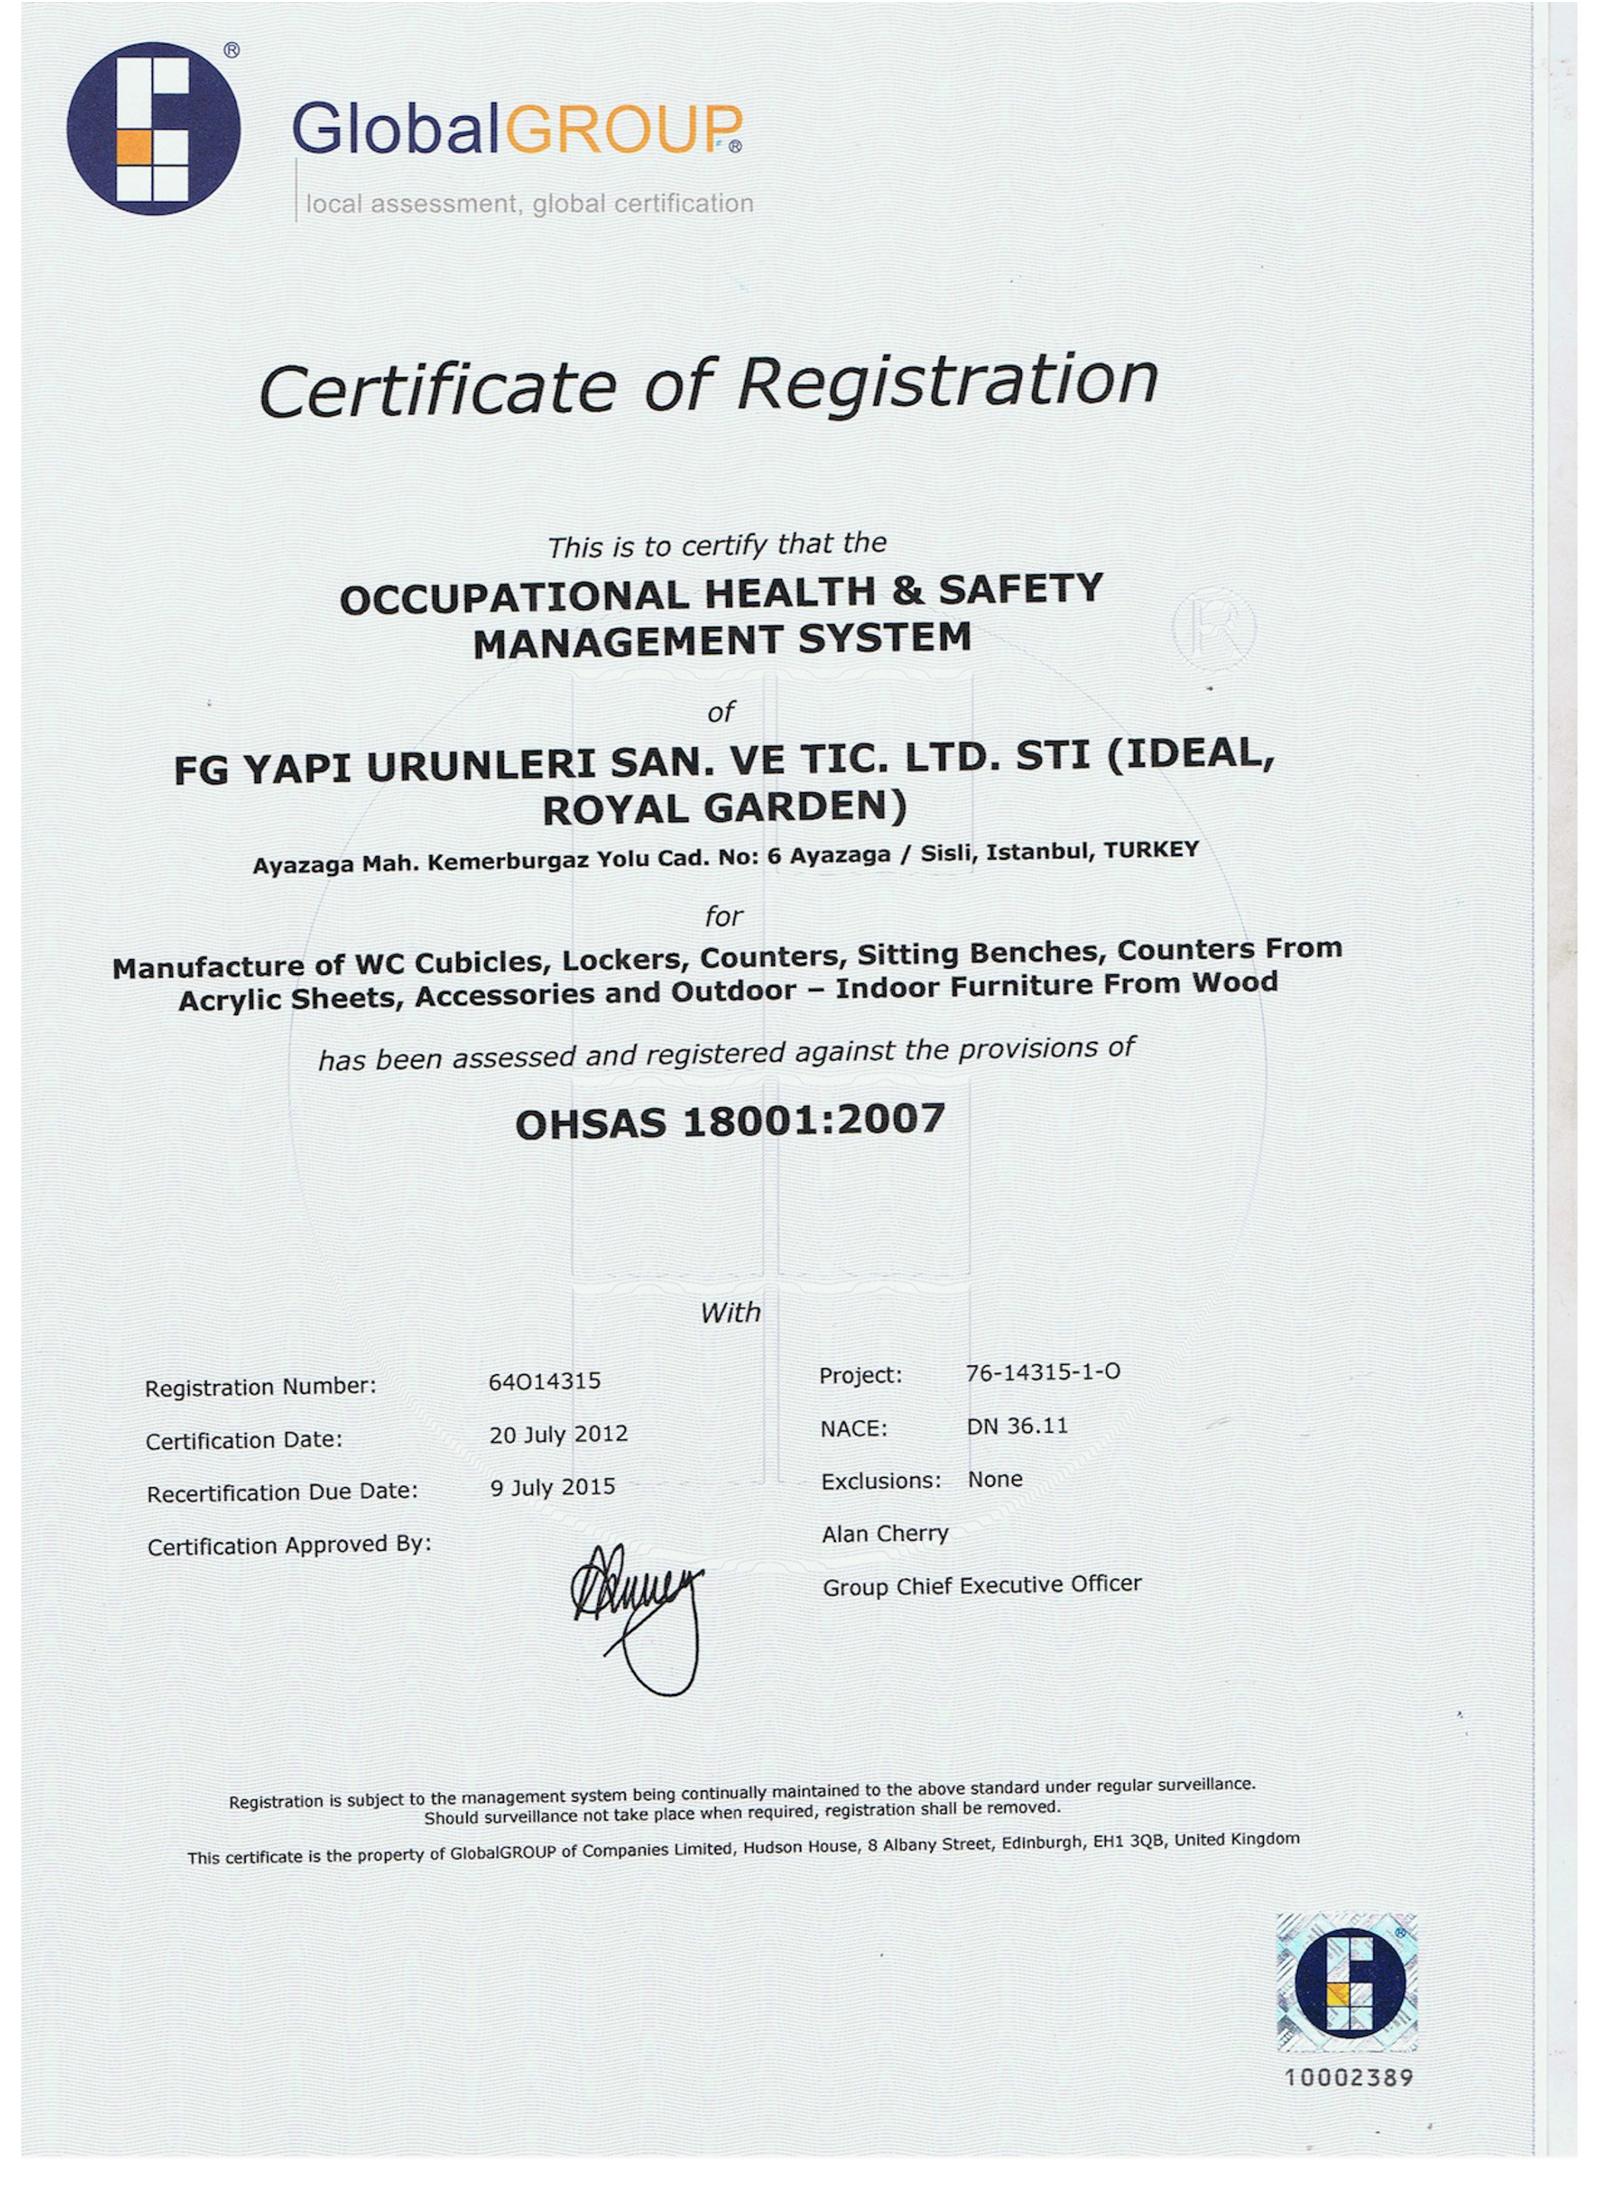 OHSAS - 18001